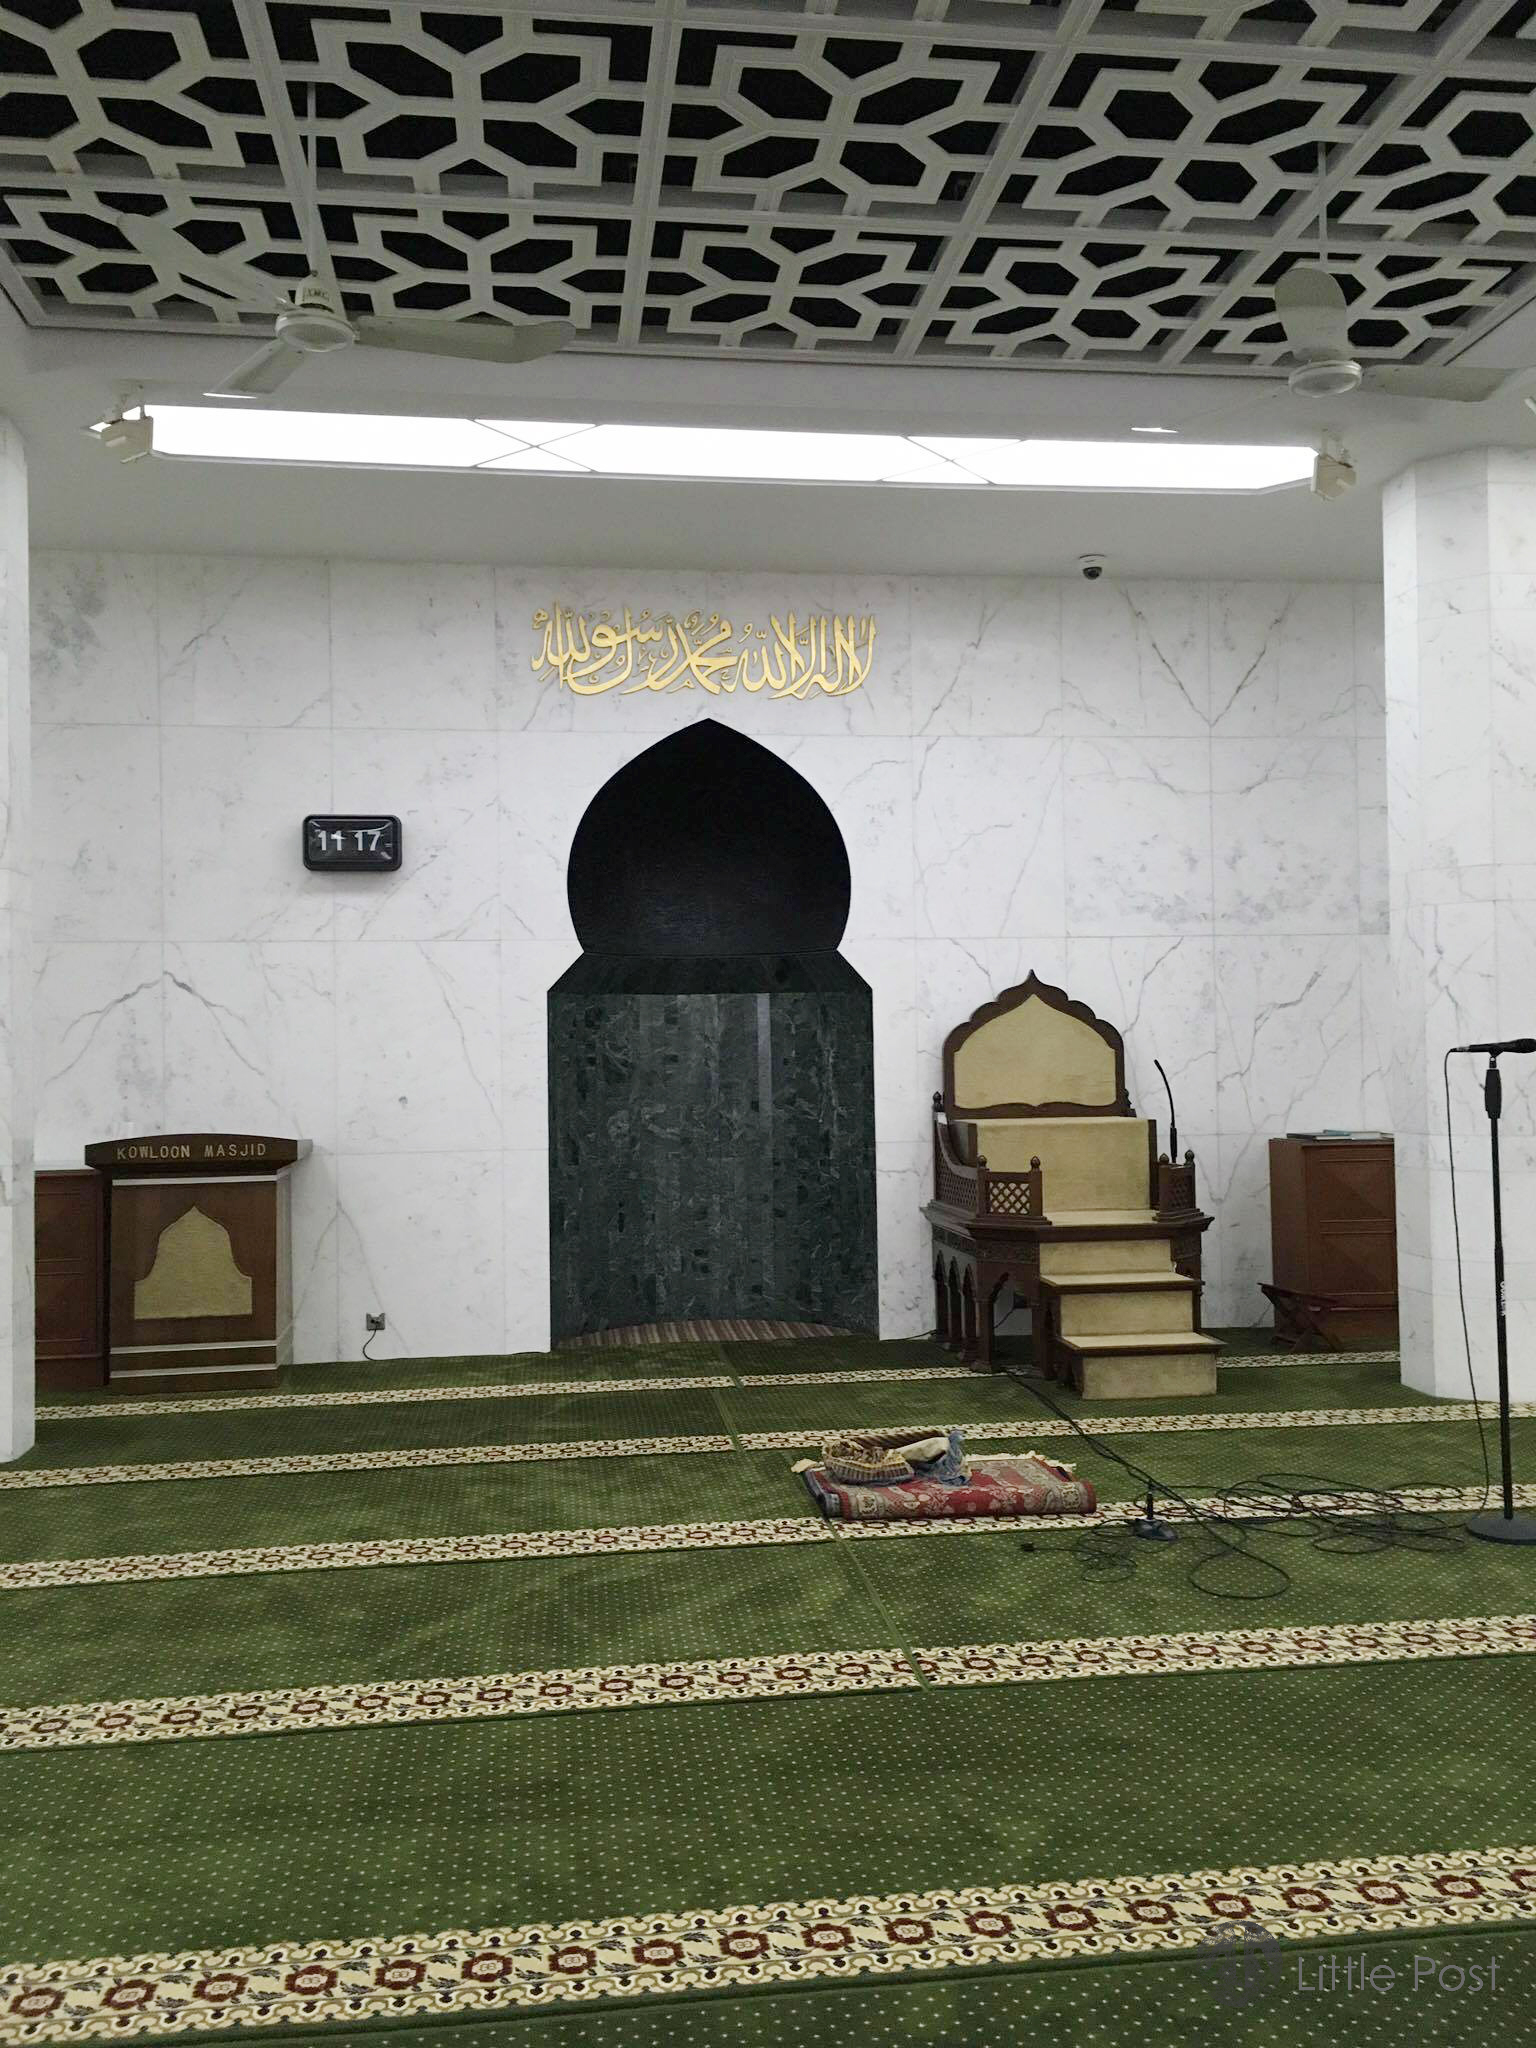 這個崁入牆內的「回音洞」設計,既聰明又有特色。弧形洞上方是阿拉伯文「萬物非主,唯有真主;穆罕默德是主的使者」句子。